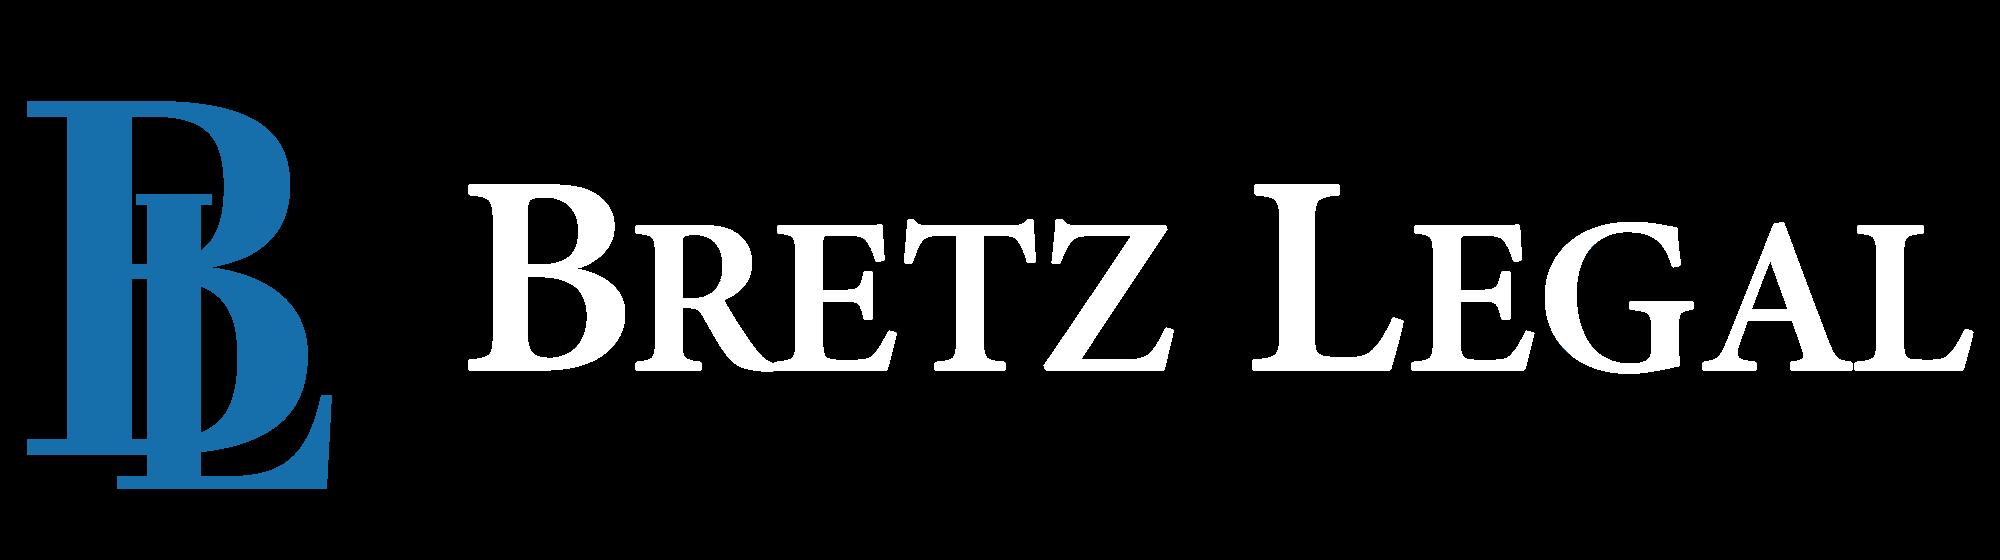 Bretz Legal, LLC Logo